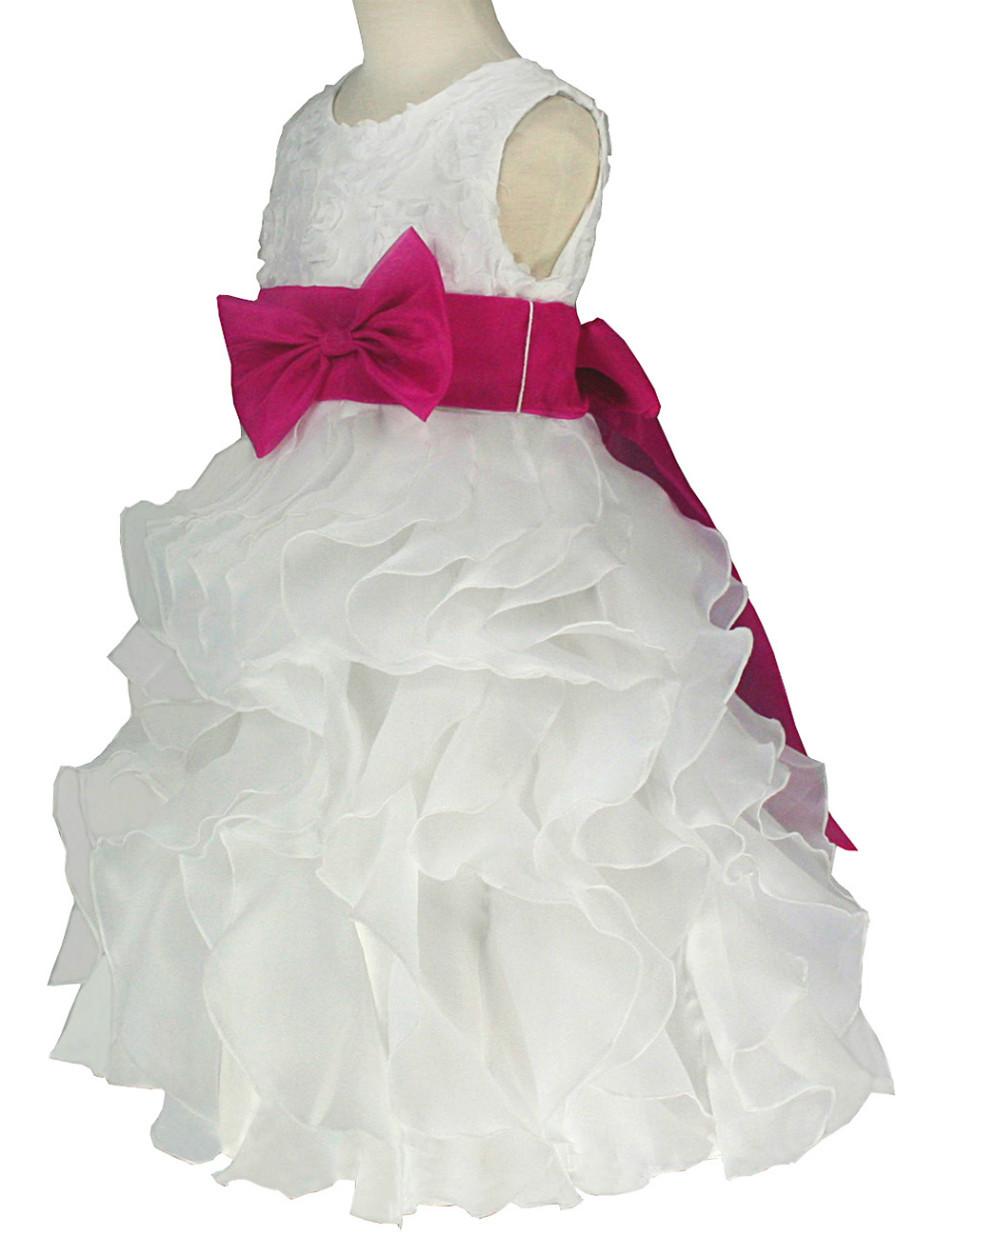 i0038f бесплатная доставка кот и фуксия органзы Тереза veto платье 2 4 6 8 10 12 лет